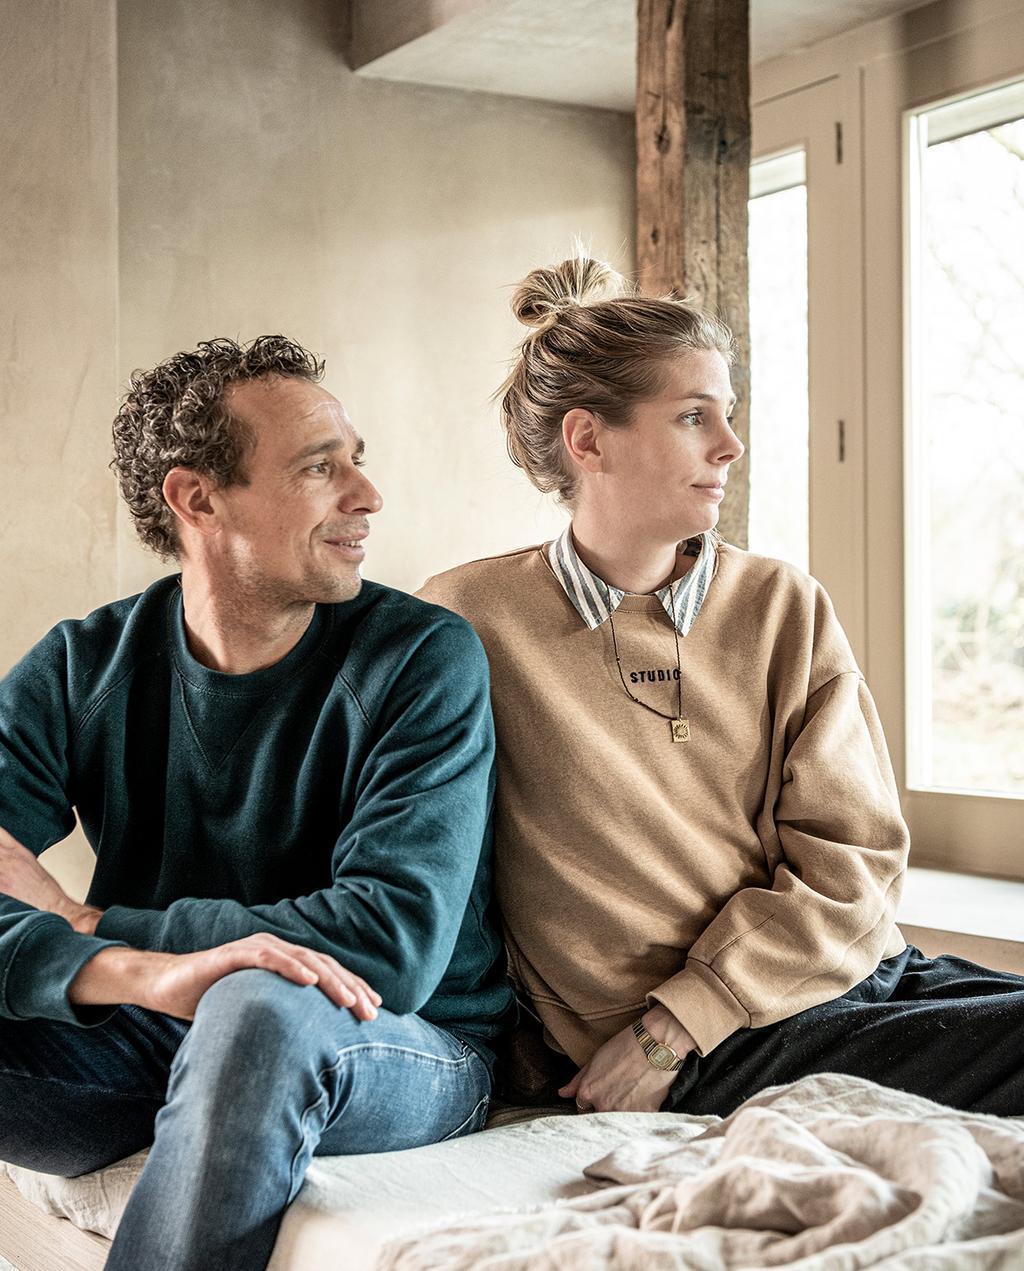 vtwonen 02-2021 | portretfoto van Kim van Rossenberg en Richard van Meerveld